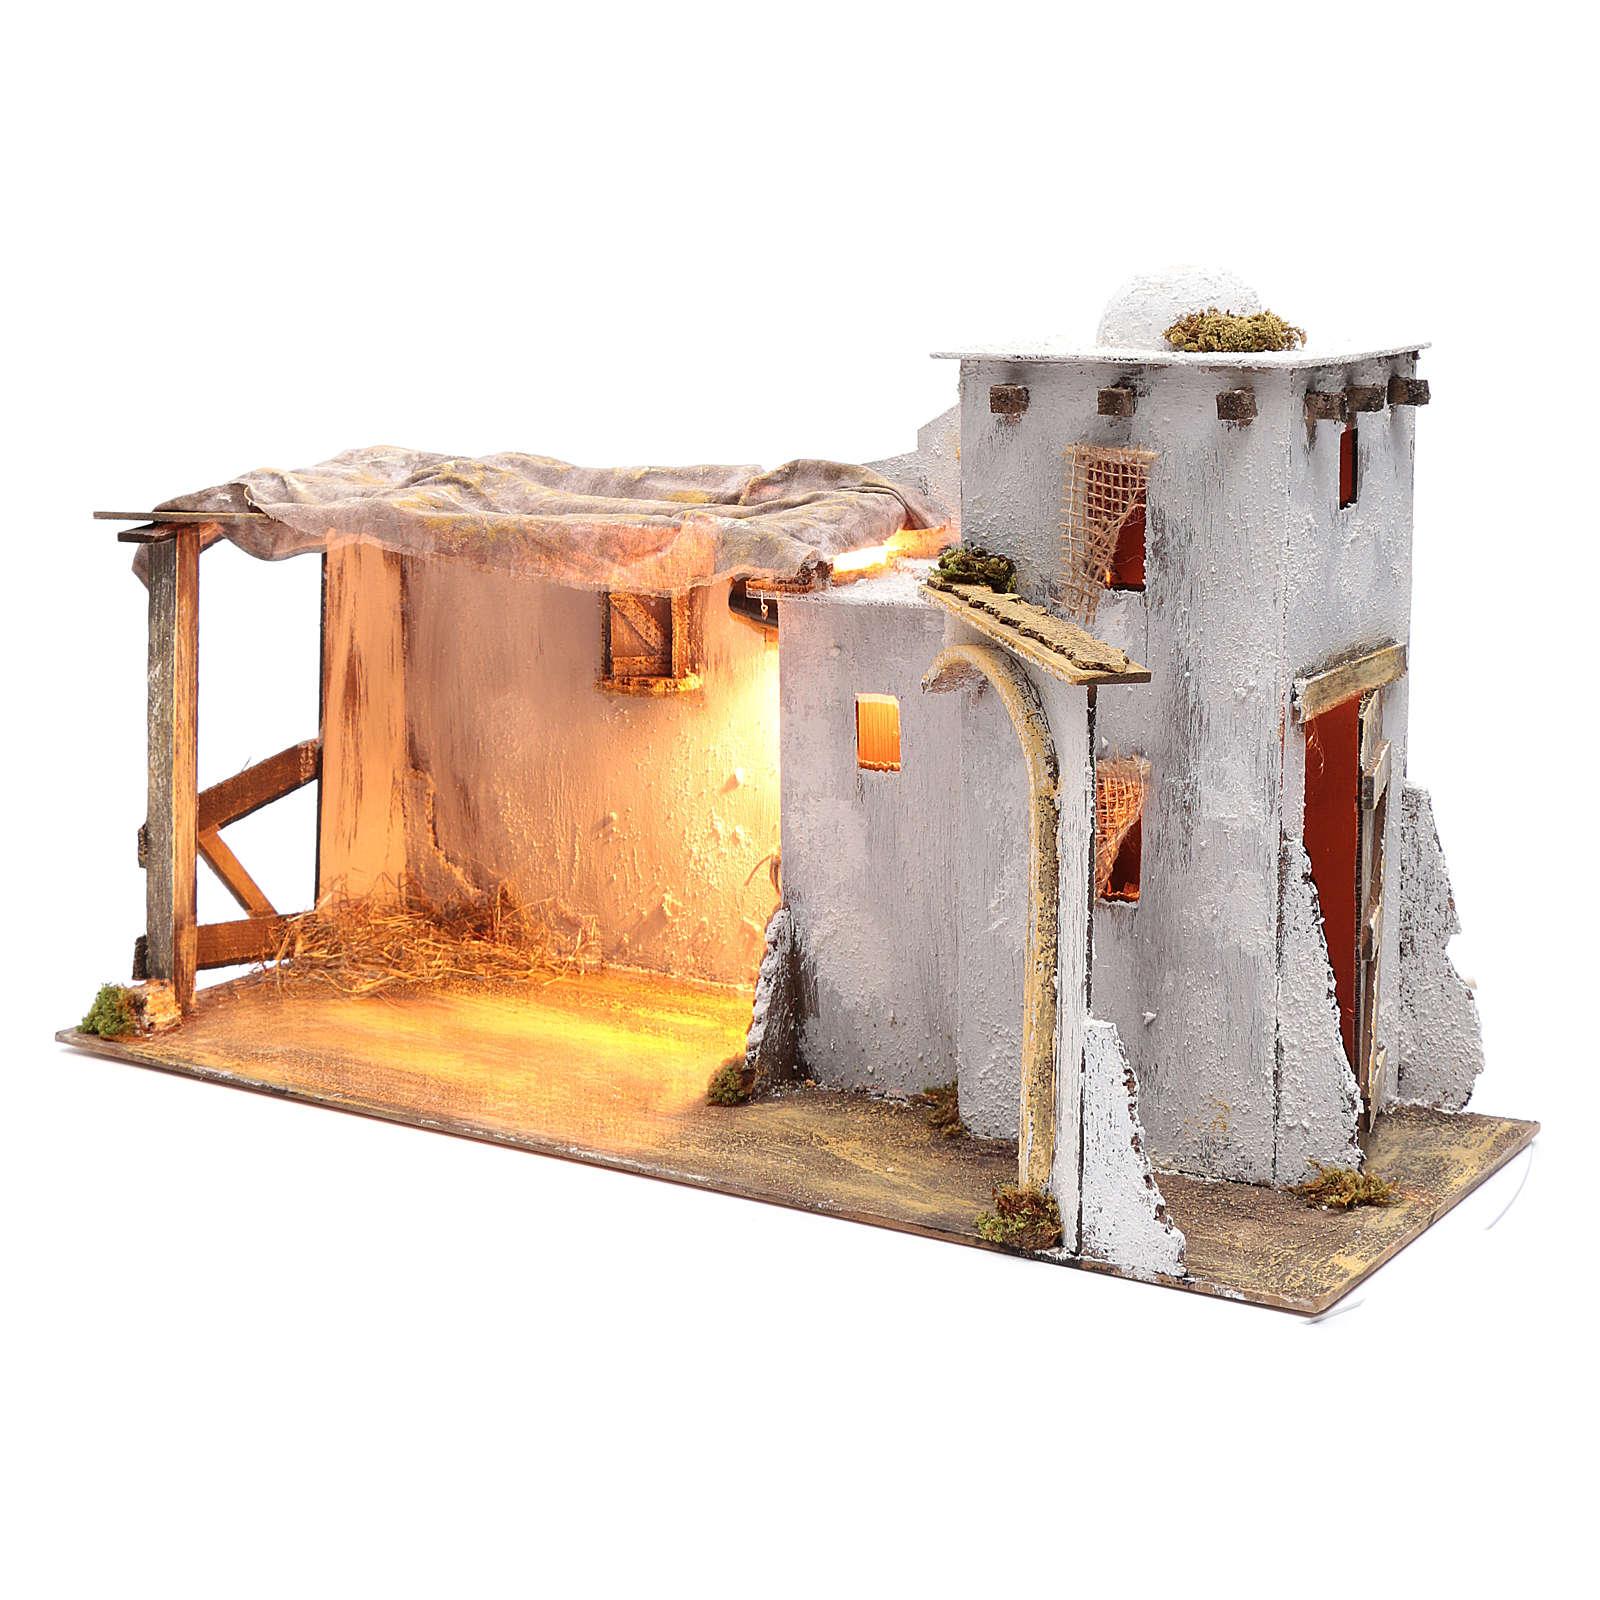 Ambientazione araba con capanna 35x60x25 cm presepe di Napoli 4